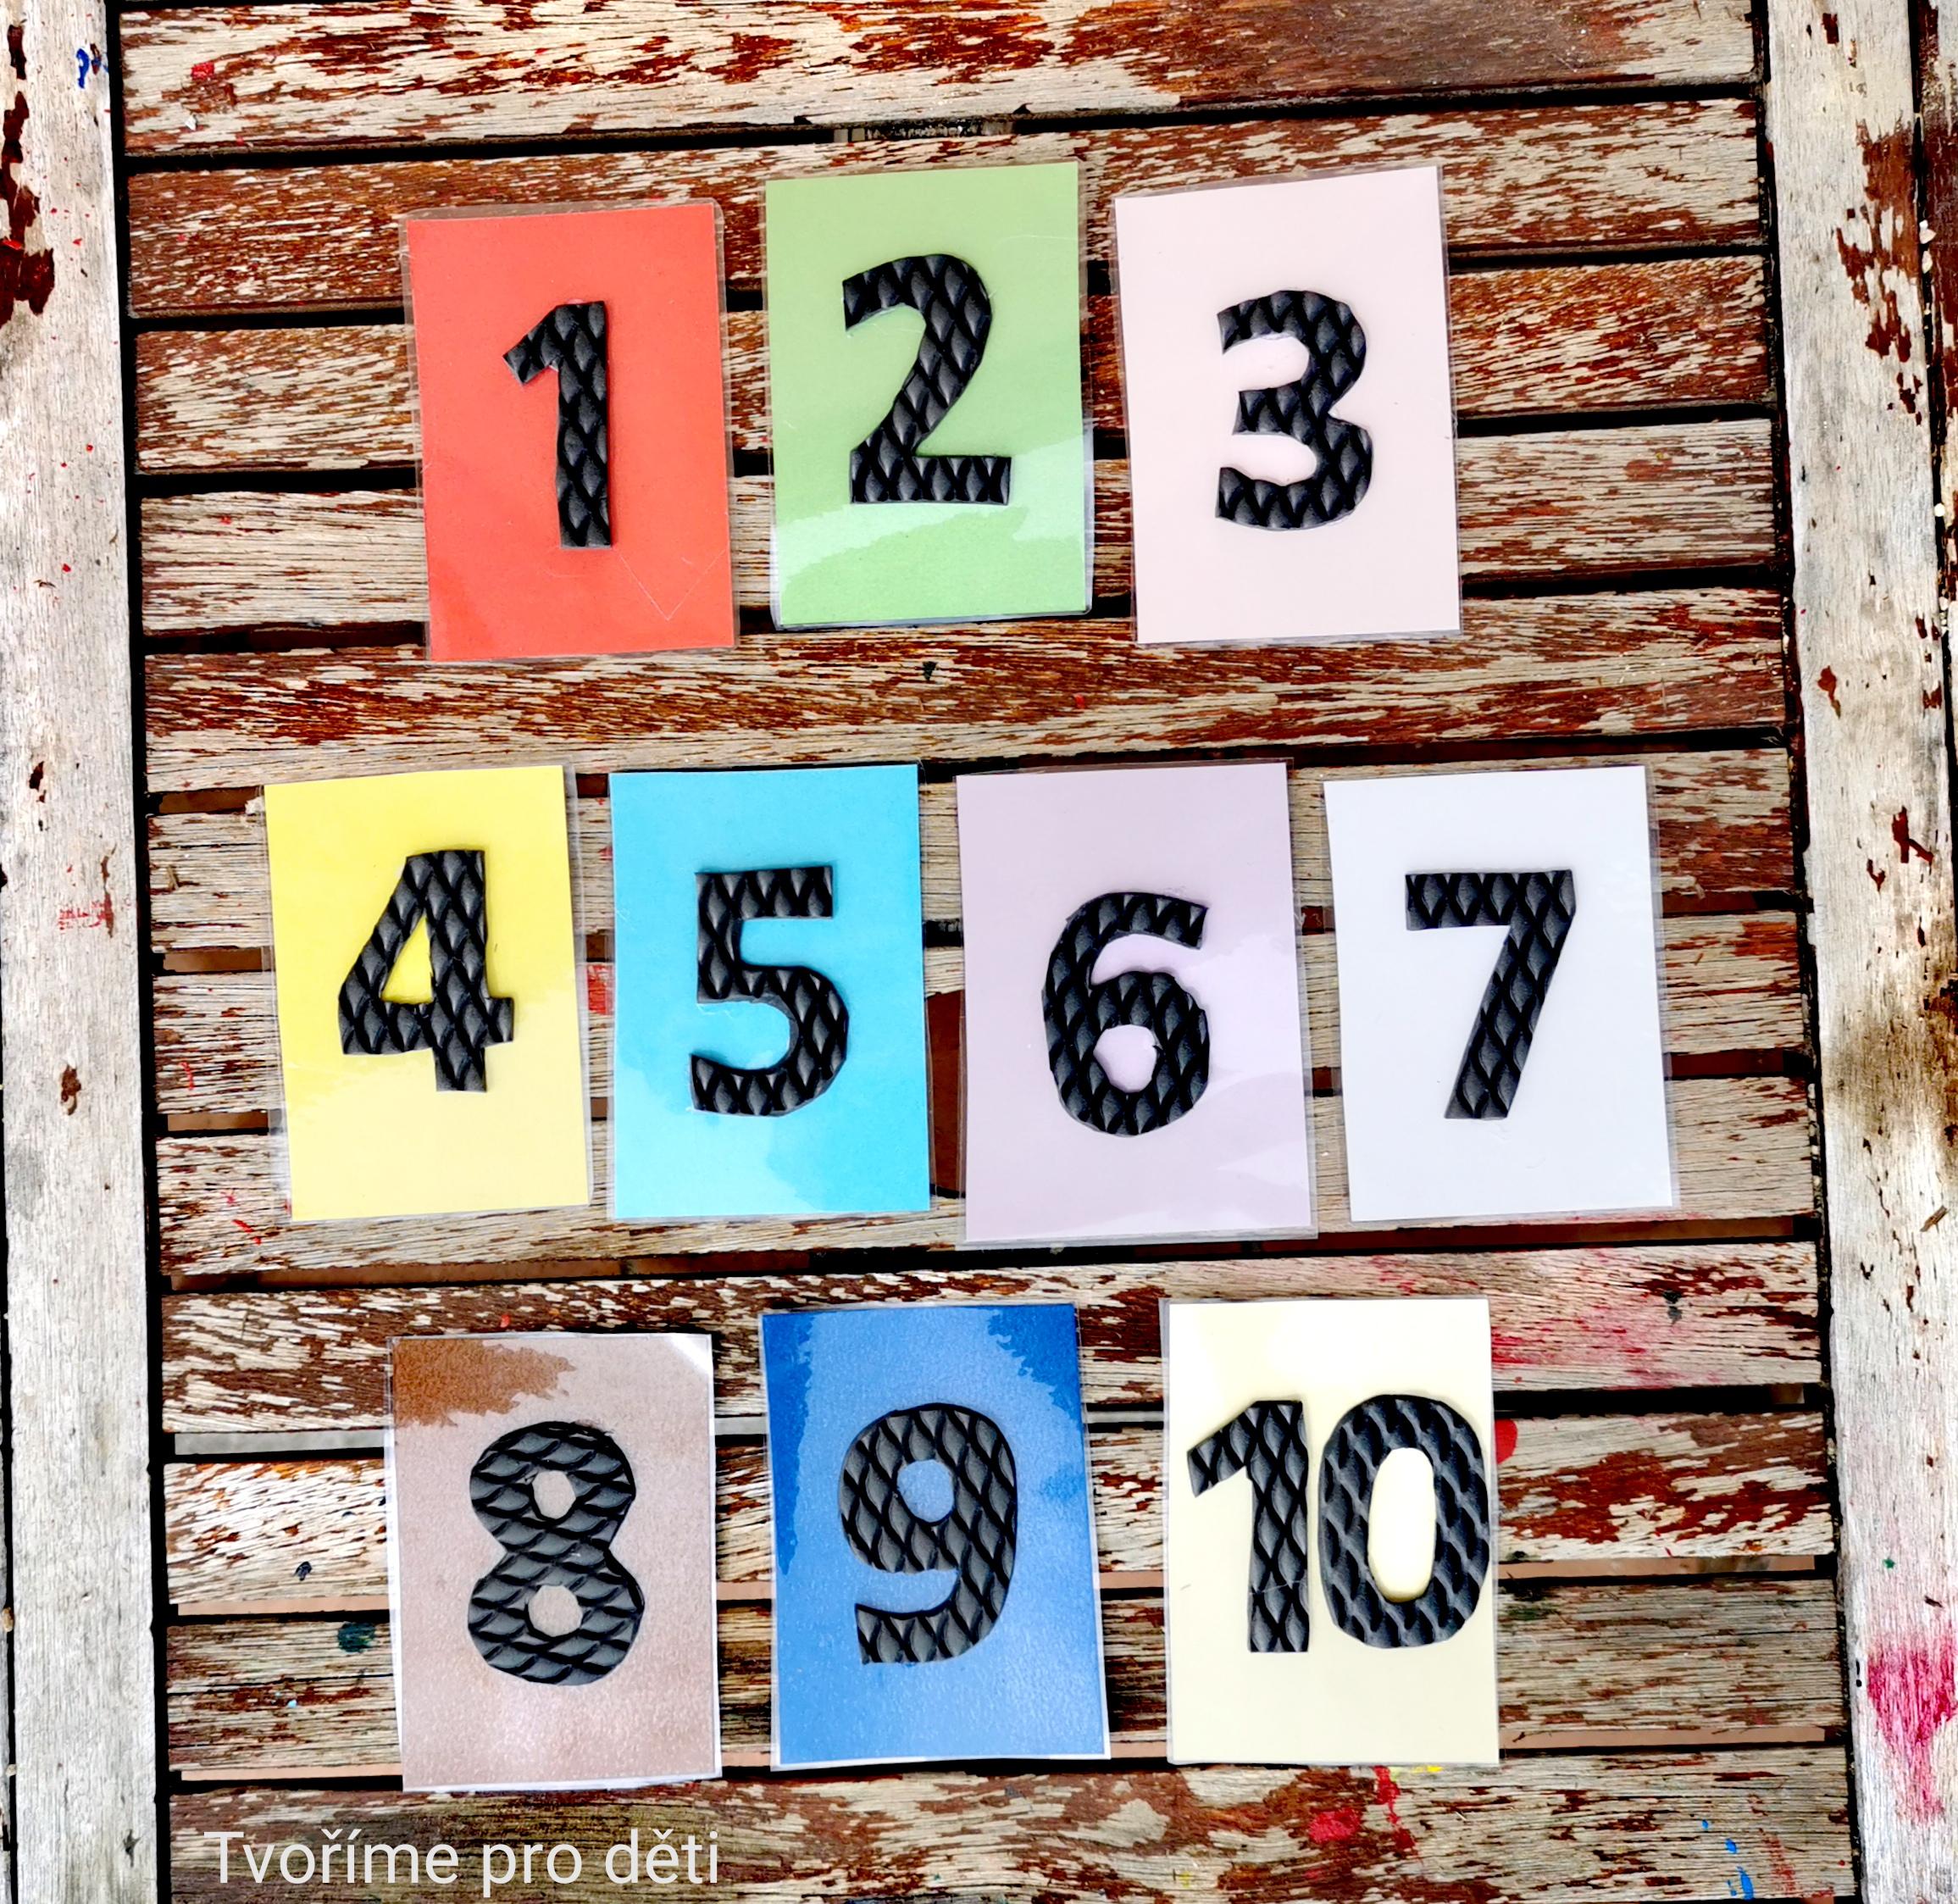 Tvoříme pro děti - Hmatové číslice